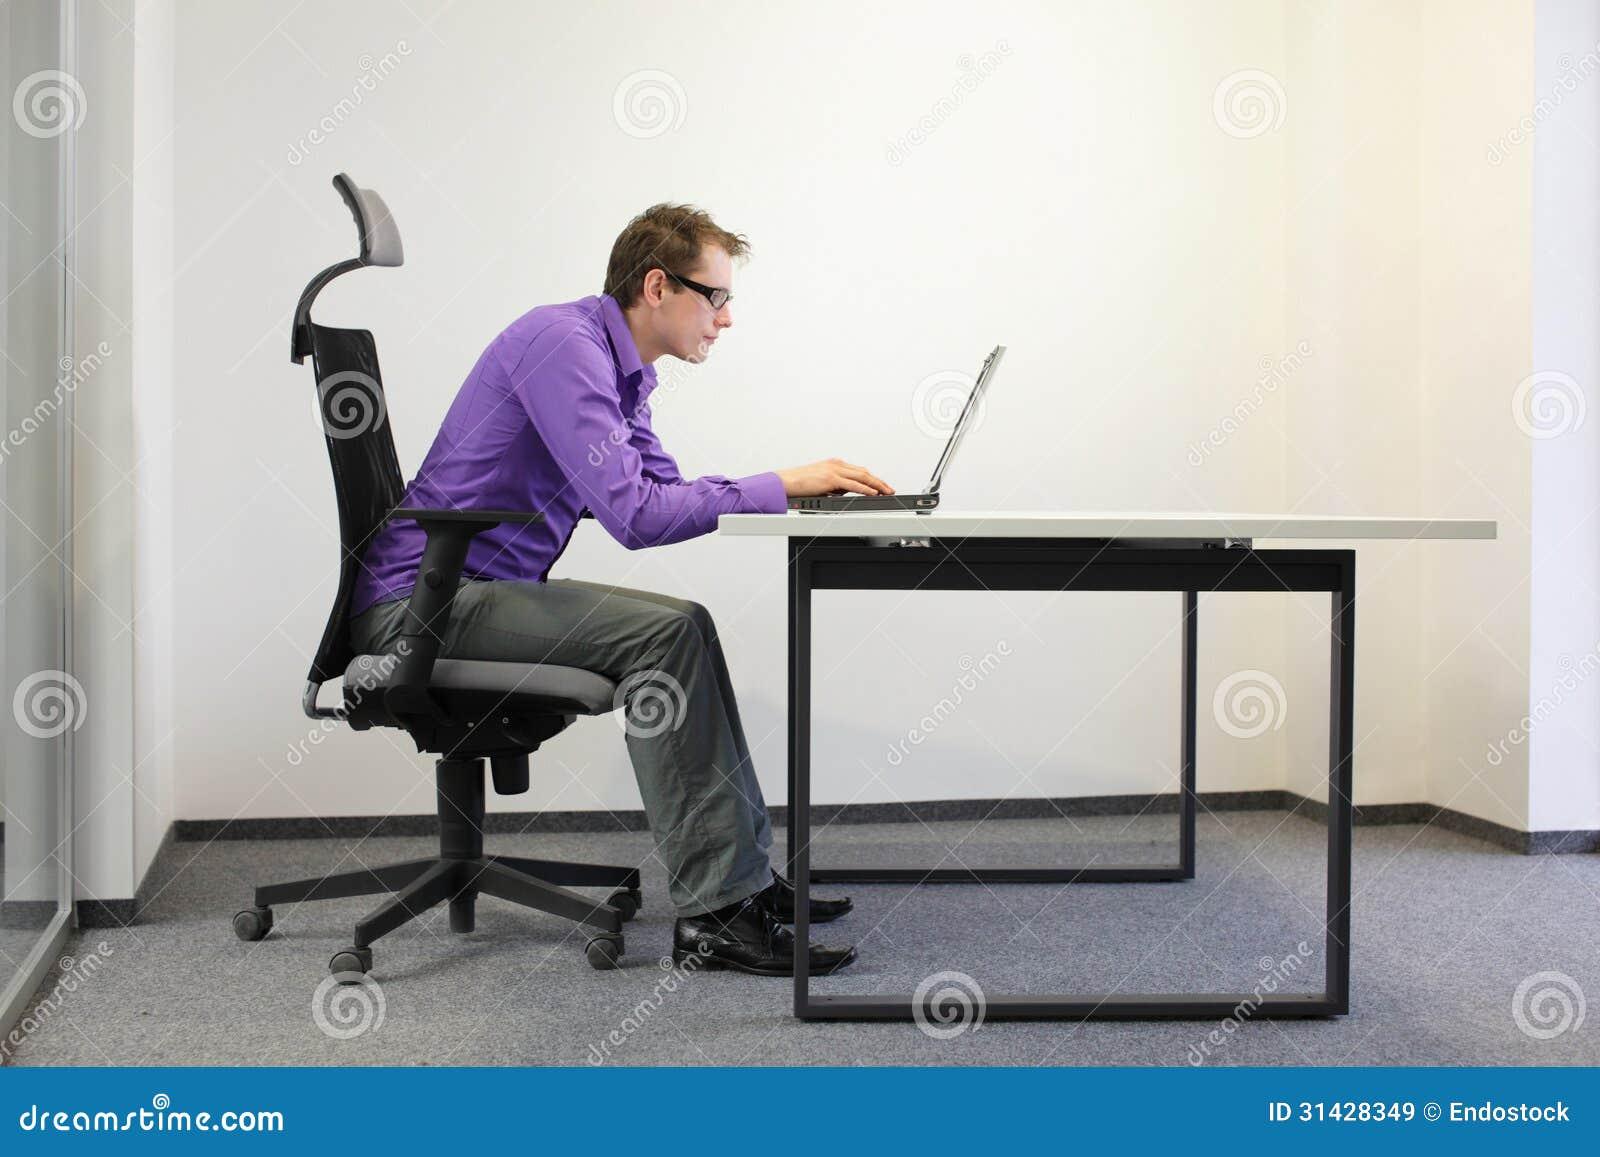 Mauvaise Position D Assise D Homme D Affaires Myope 224 L